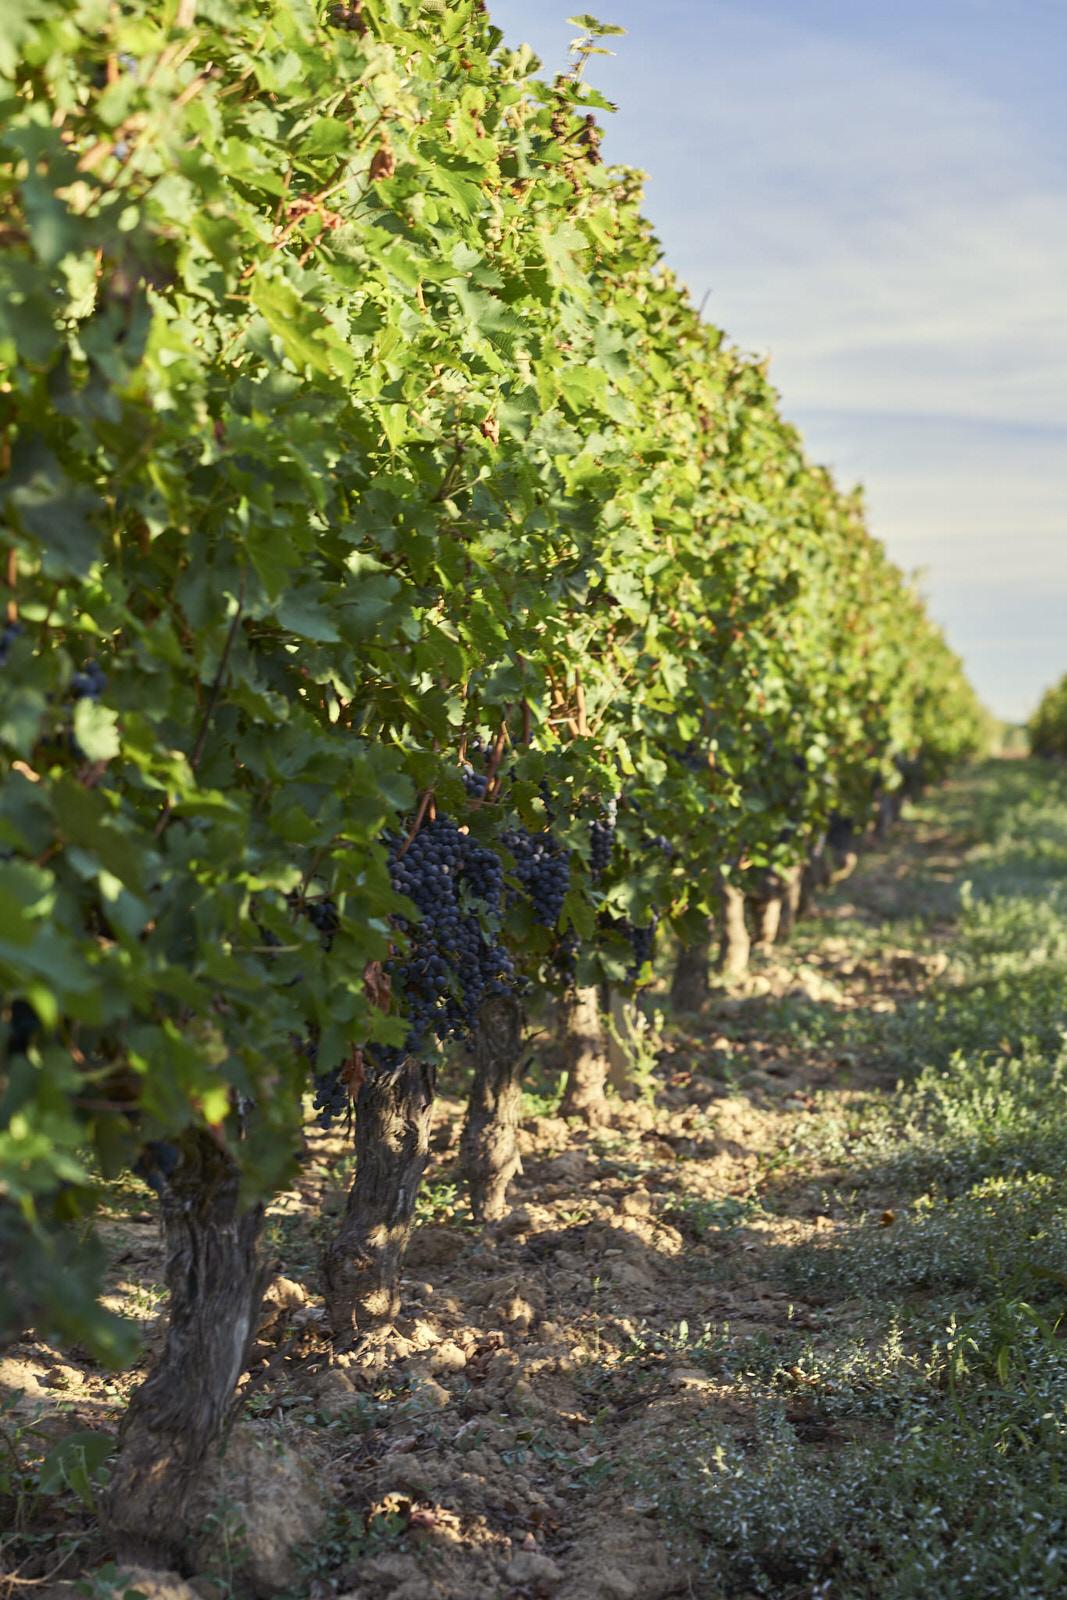 Reportage photo - Domaine viticole 1